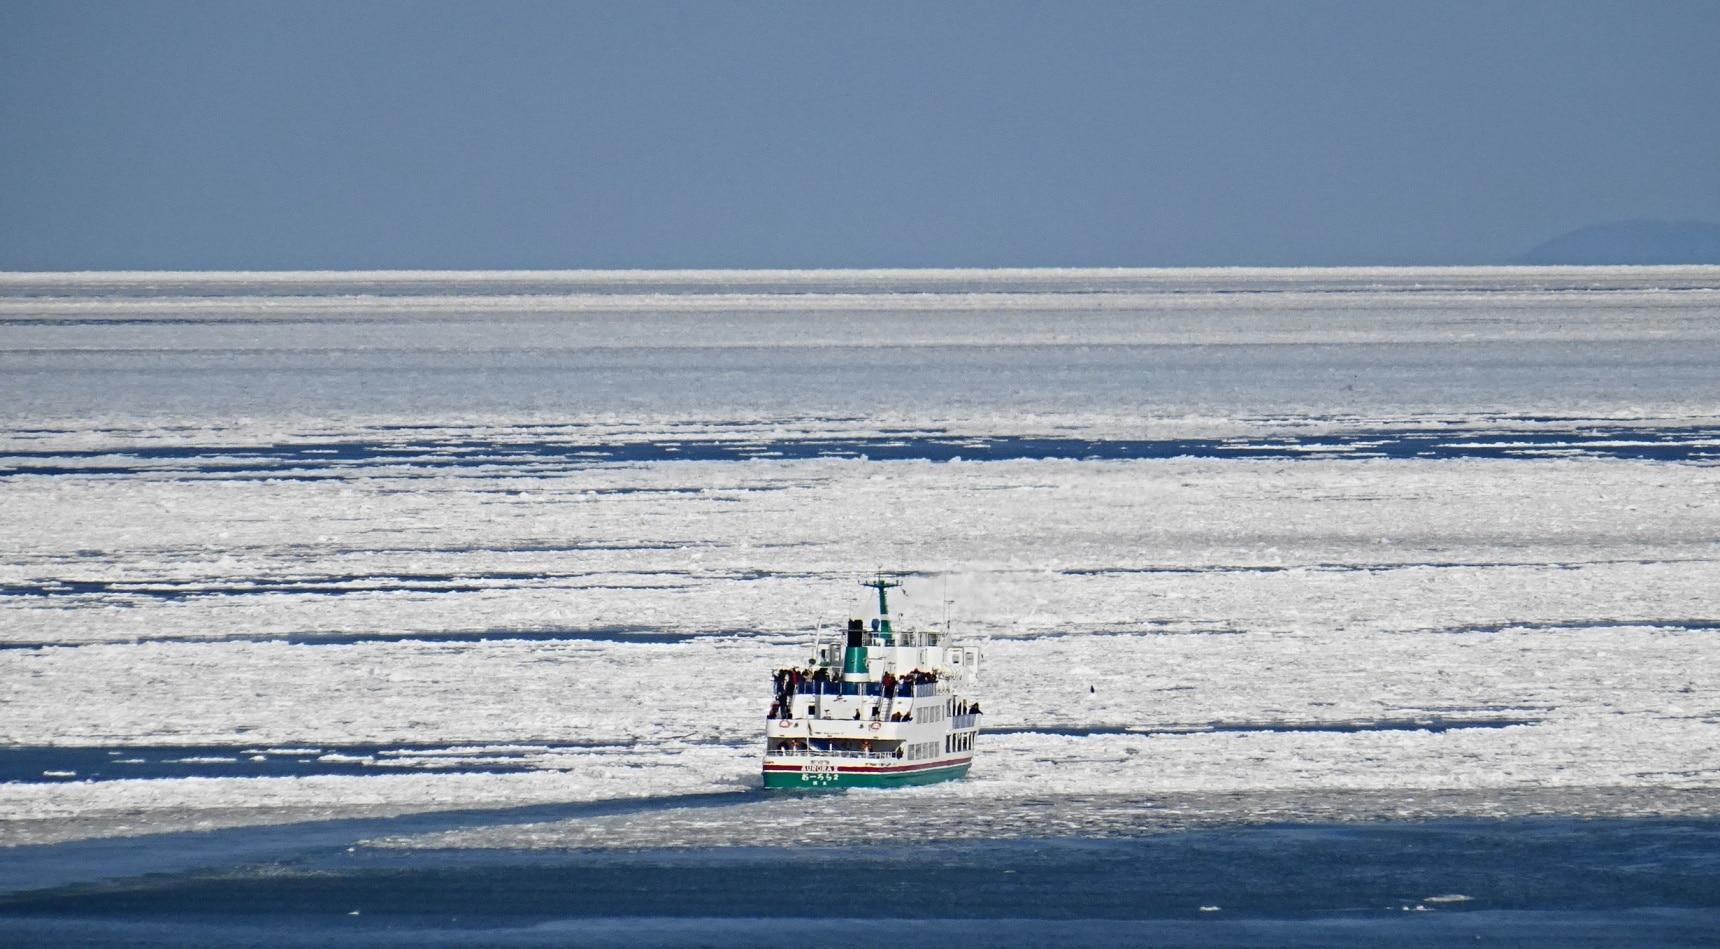 สัมผัสบรรยากาศล่องเรือบนธารน้ำแข็งที่ฮอกไกโด